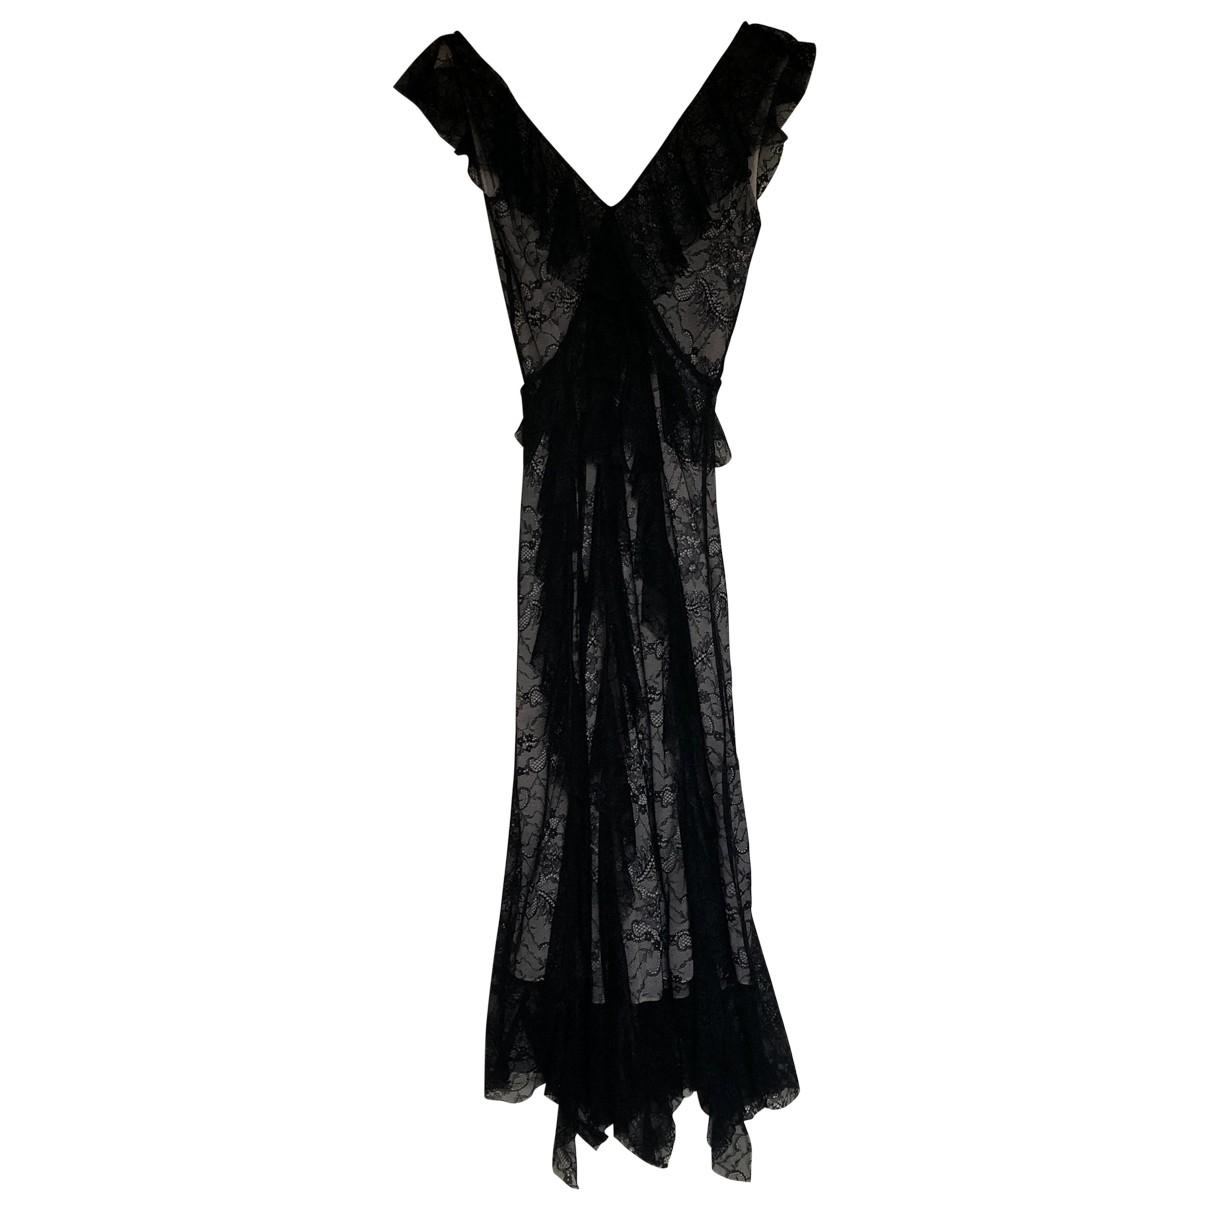 Zara \N Kleid in  Schwarz Spitze